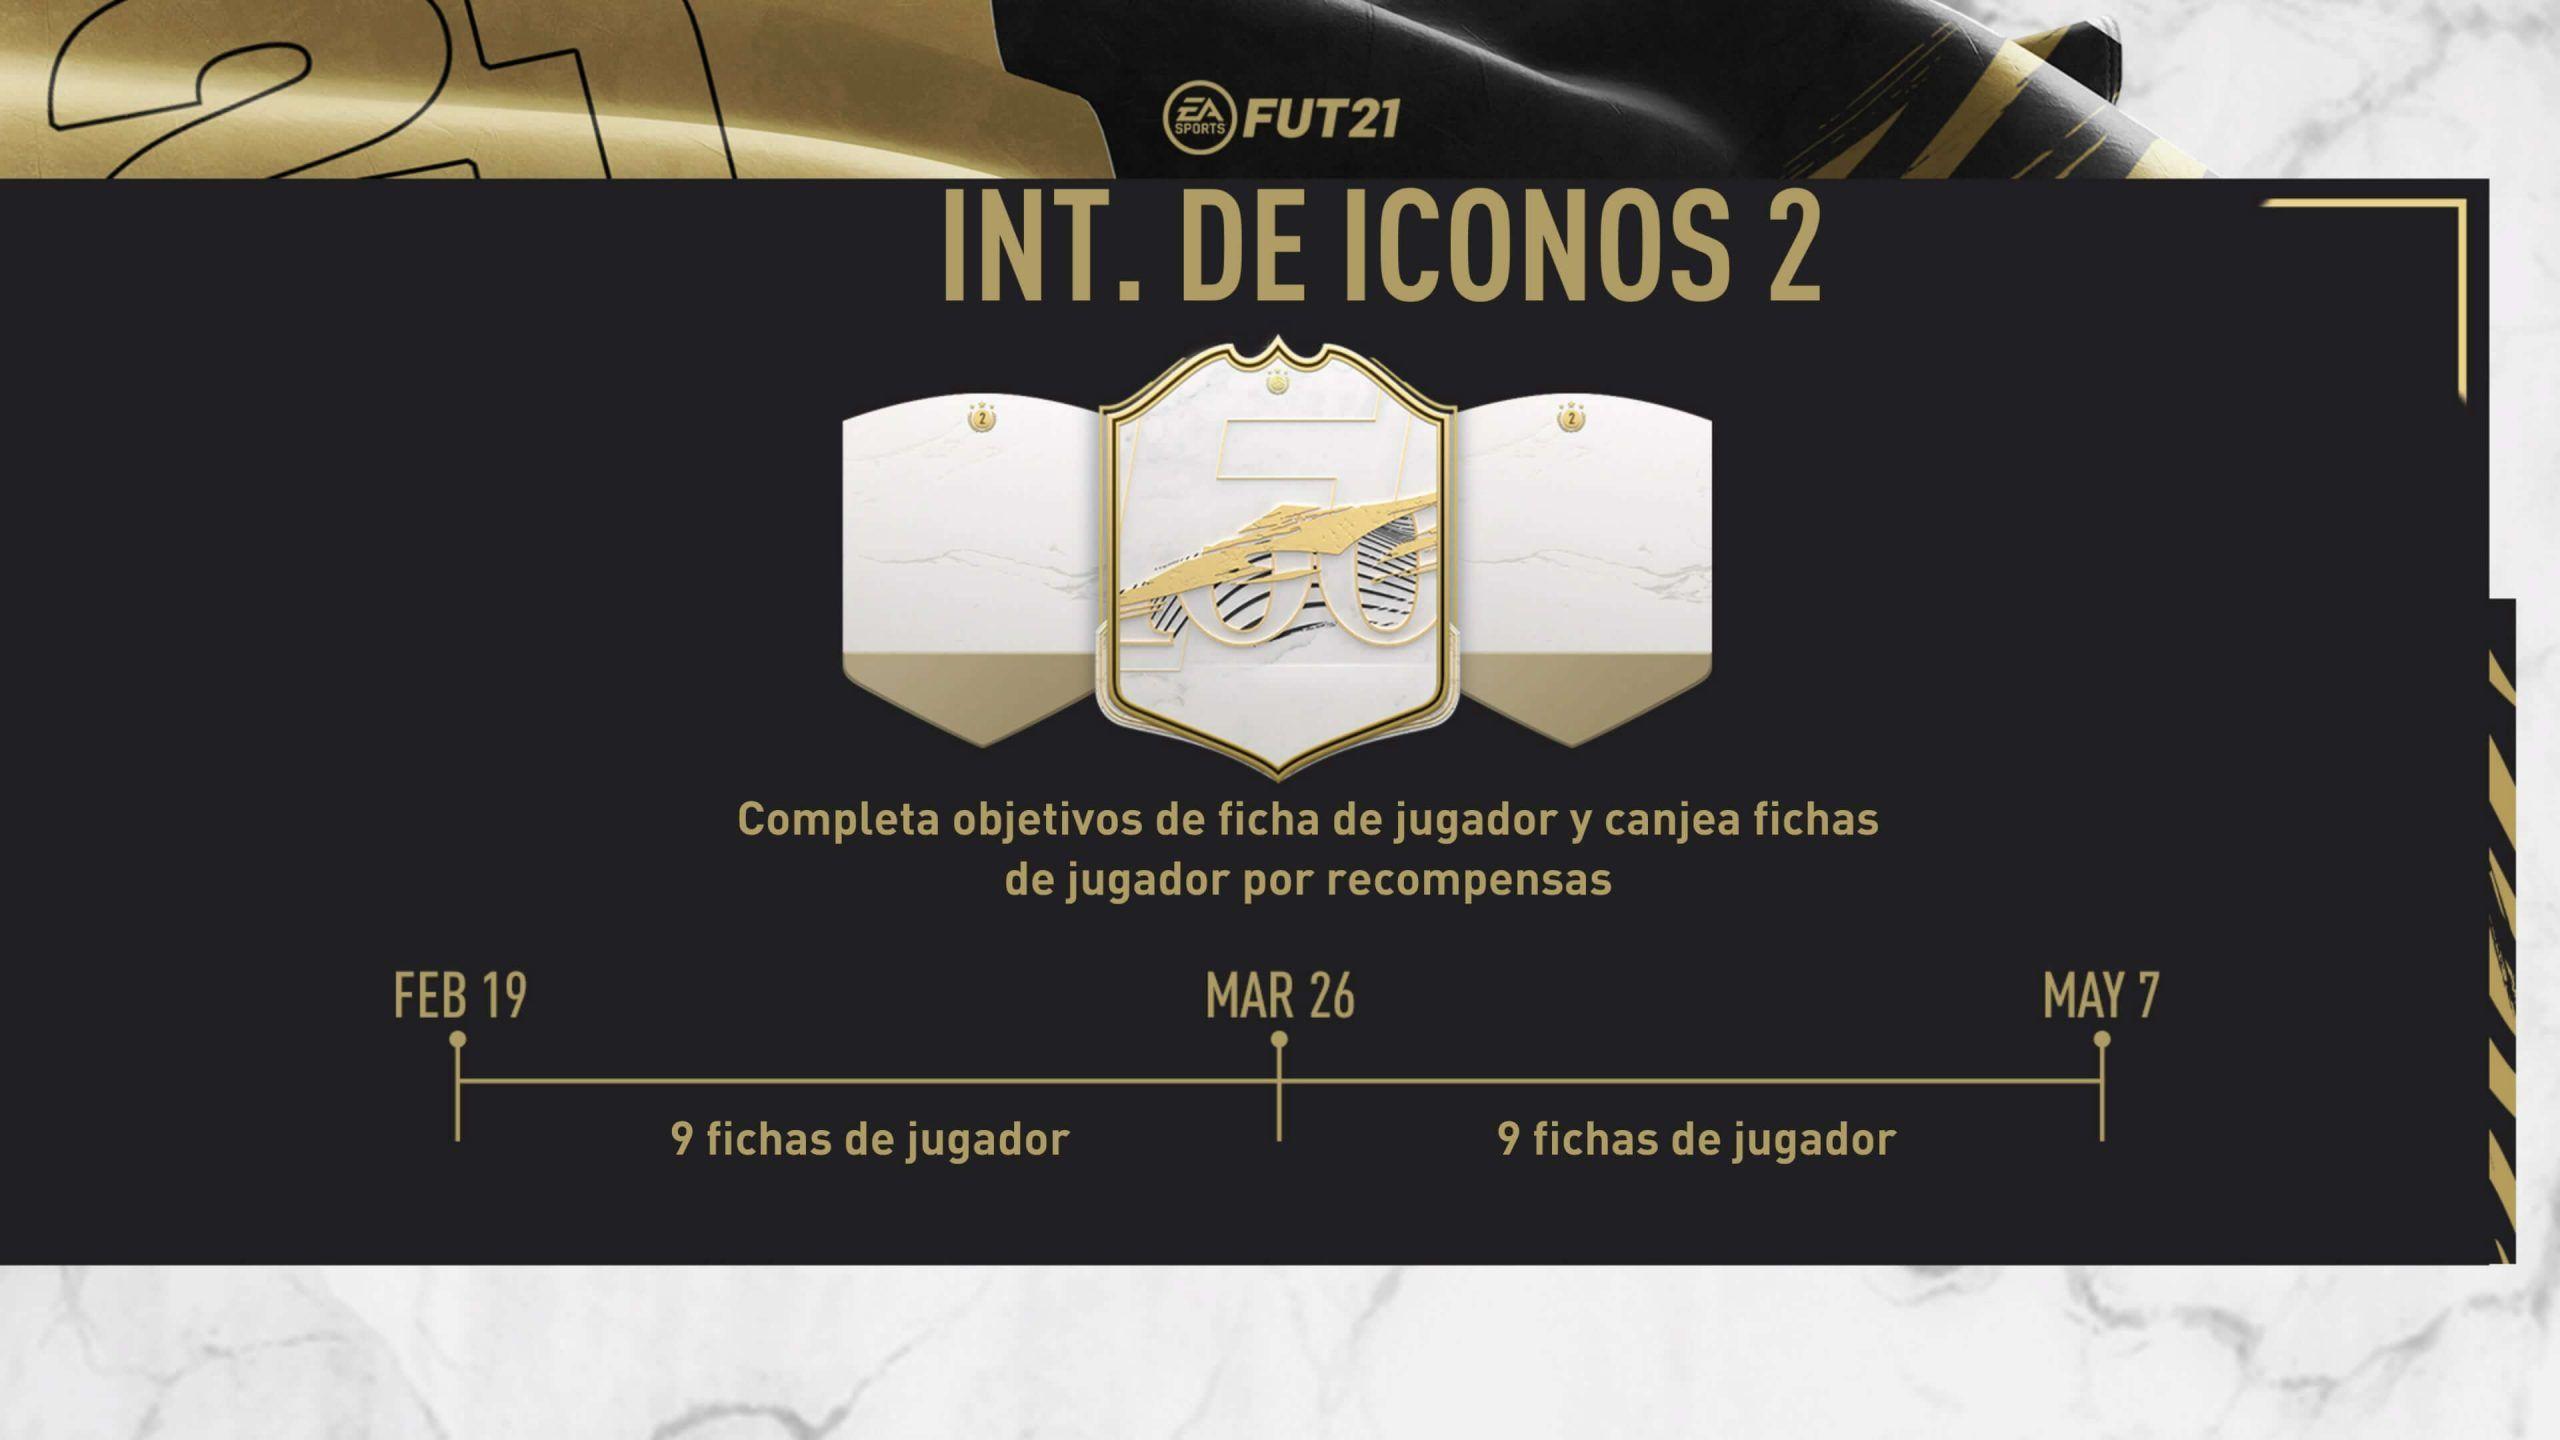 Intercambio de Iconos 2 de FIFA 21 Ultimate Team